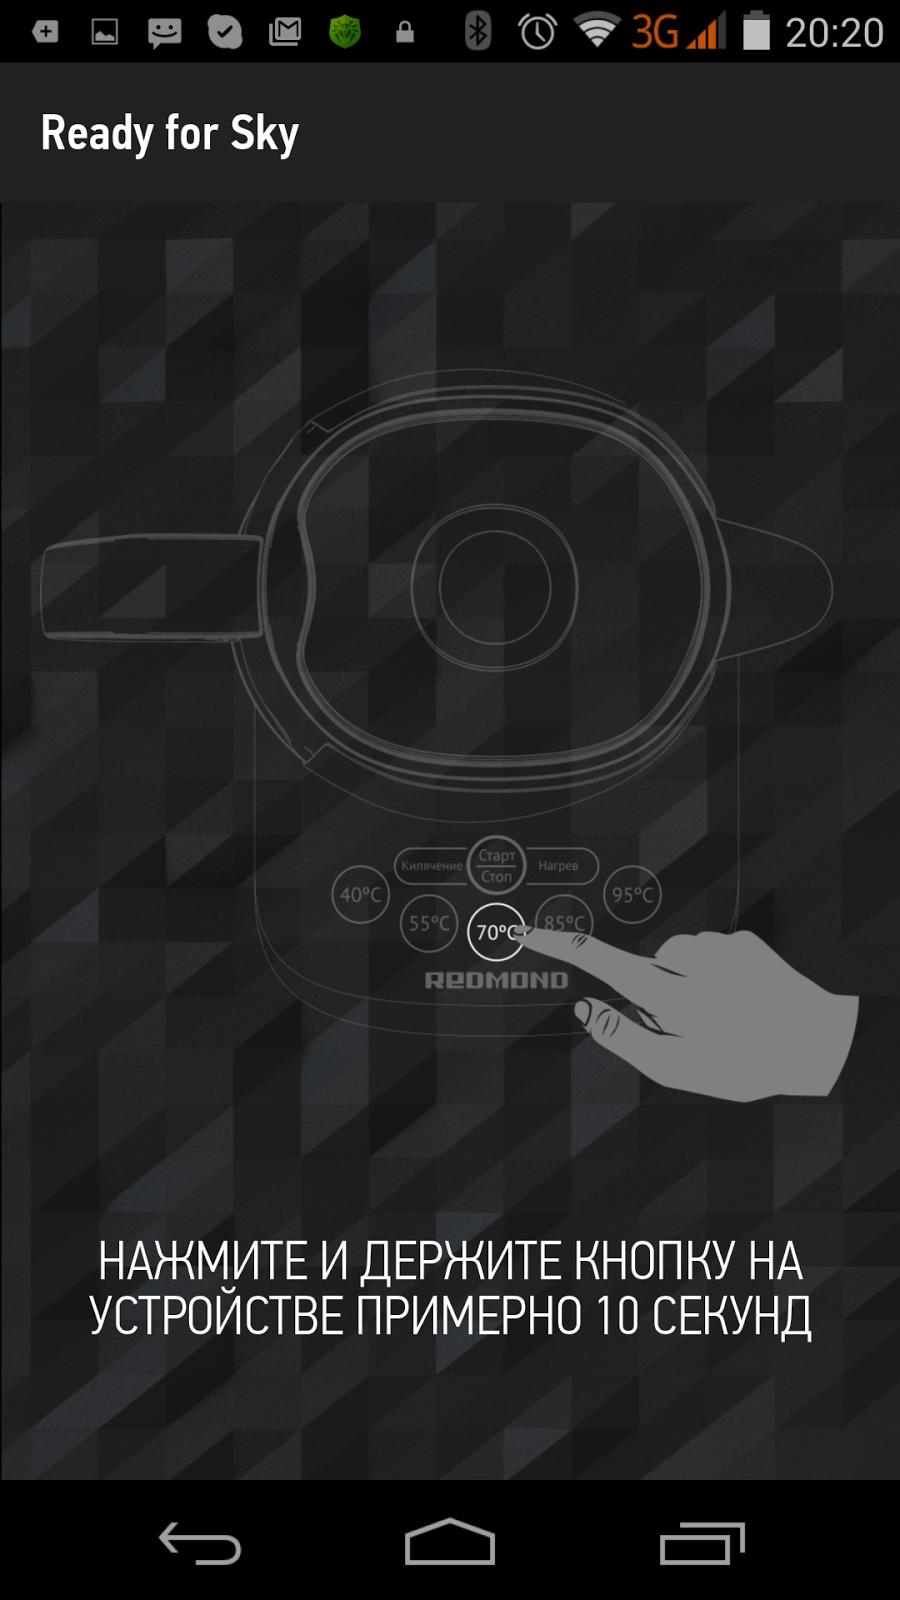 Восстание машин: умные интернет-чайники и интернет-утюги наступают - 17